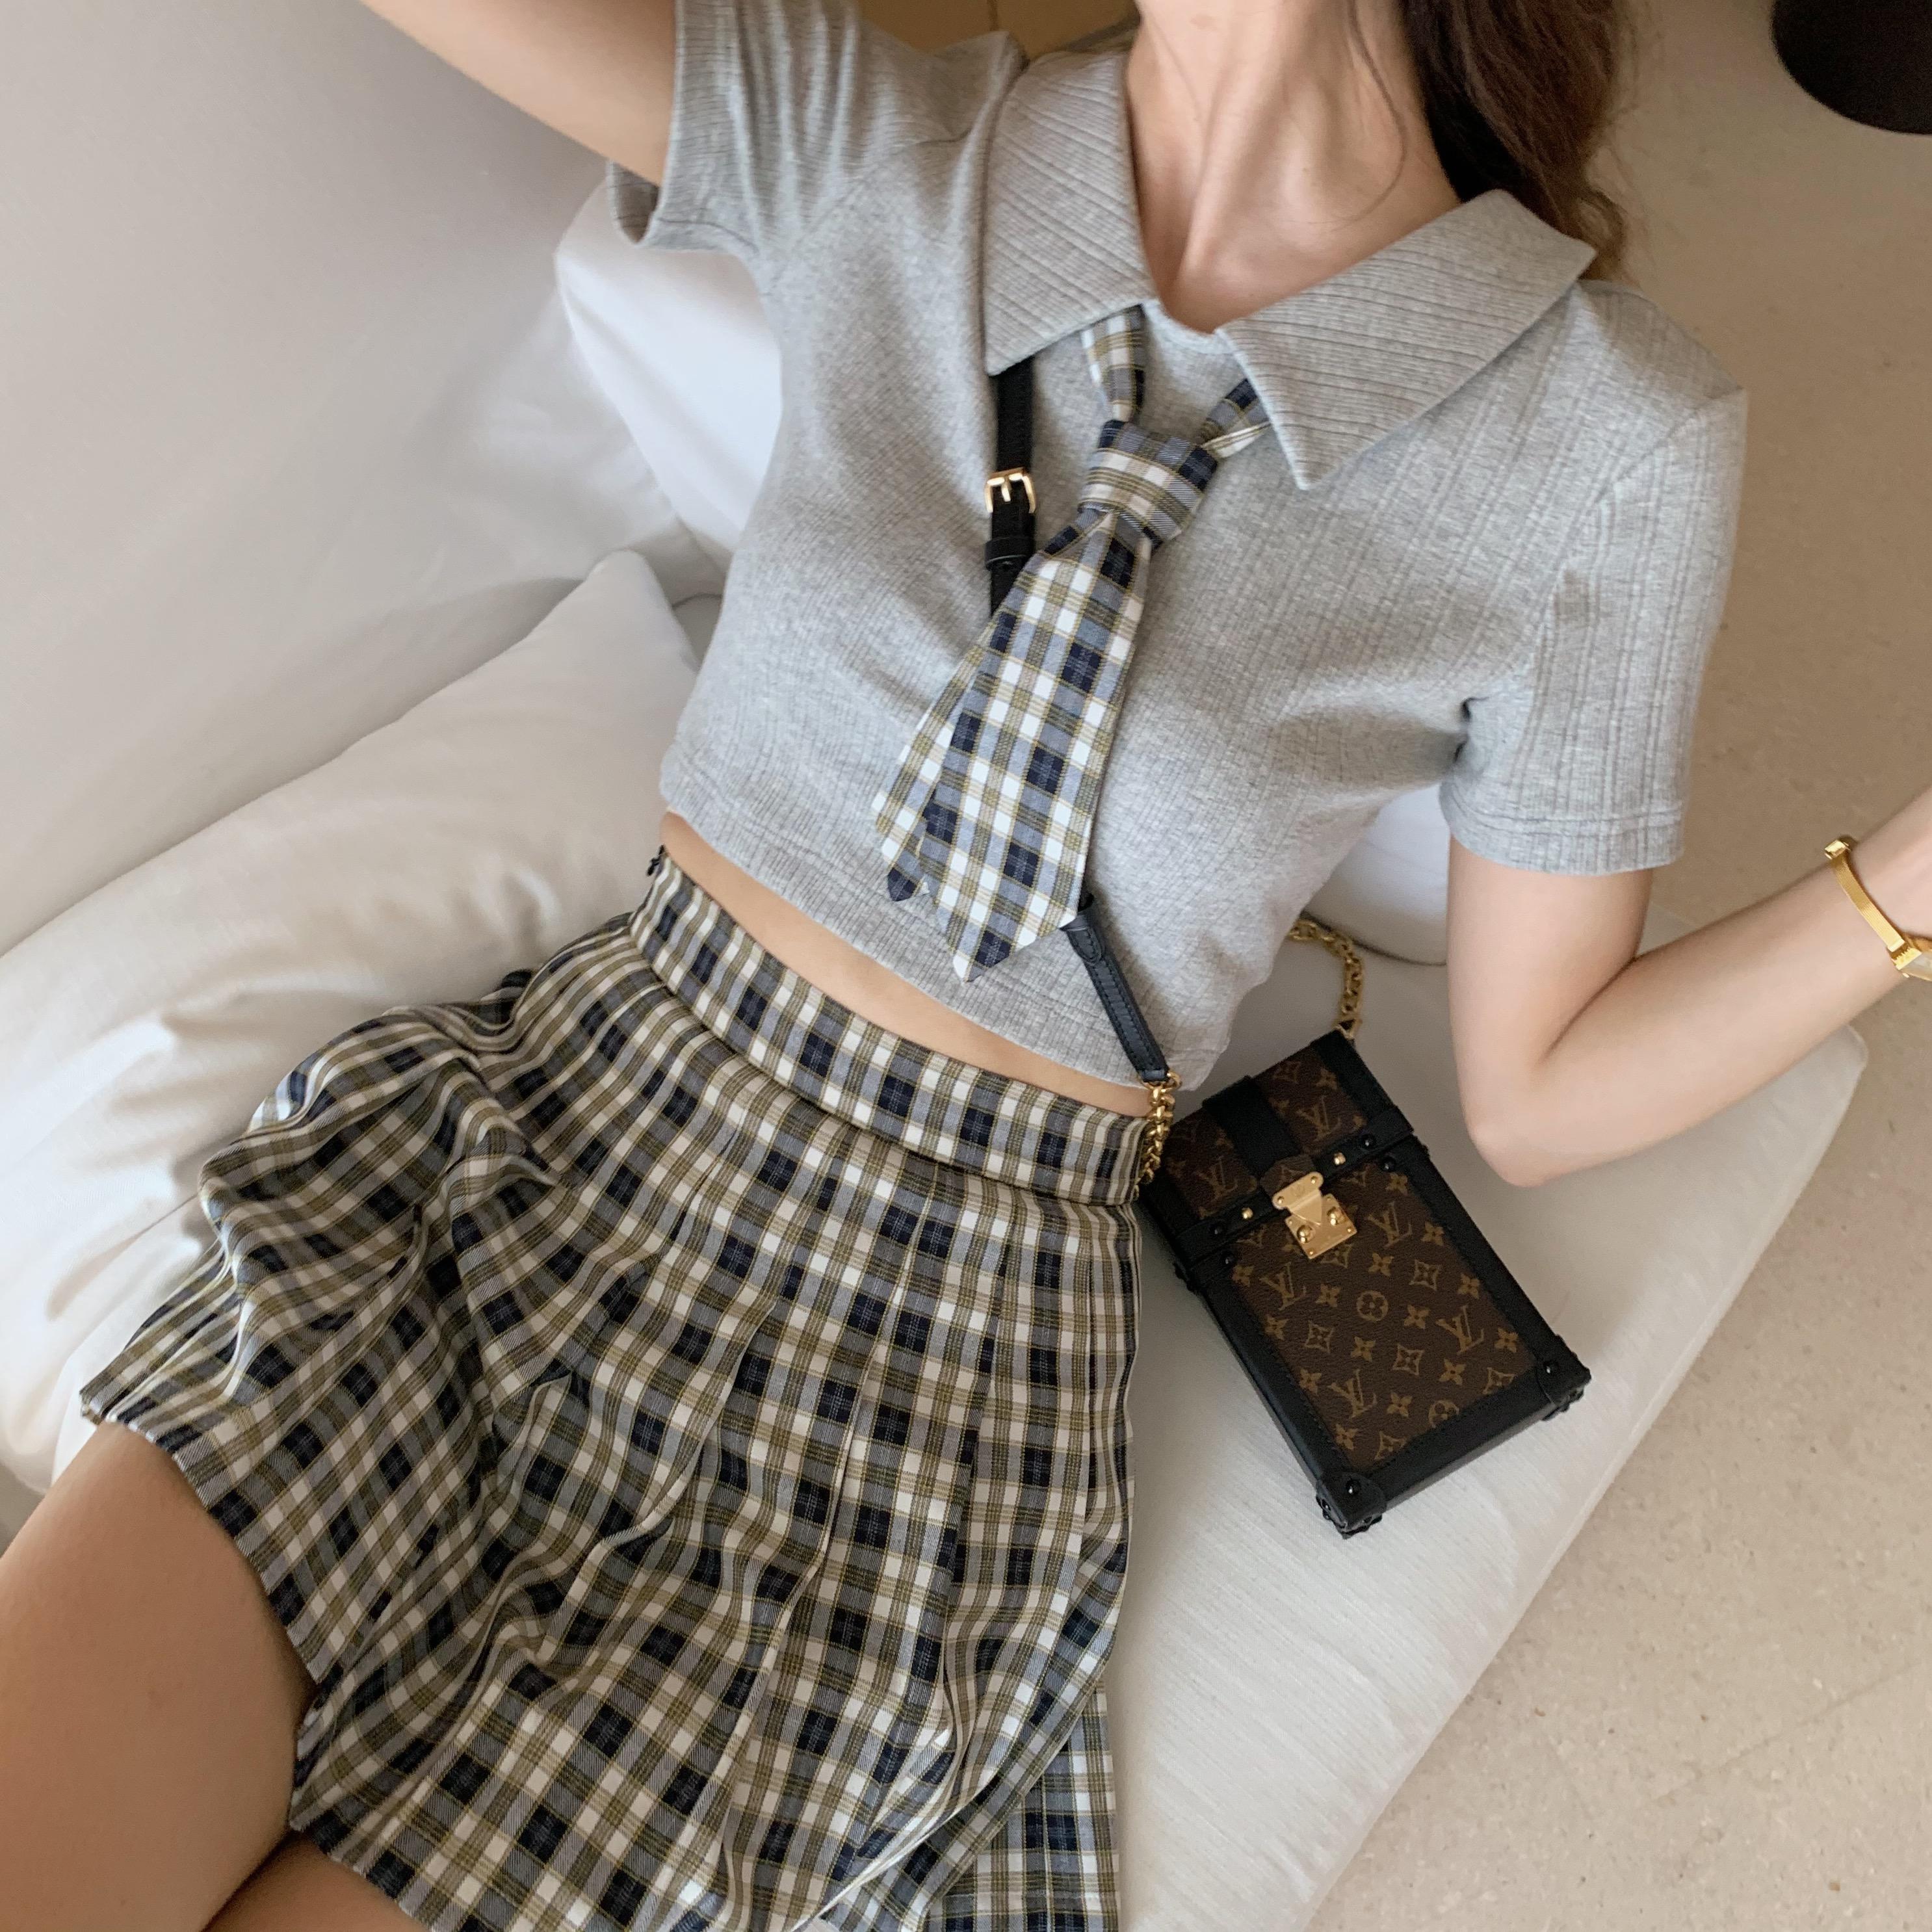 acaine学院风甜美味格纹套装可爱少女两件套夏季针织衫百褶裙套装